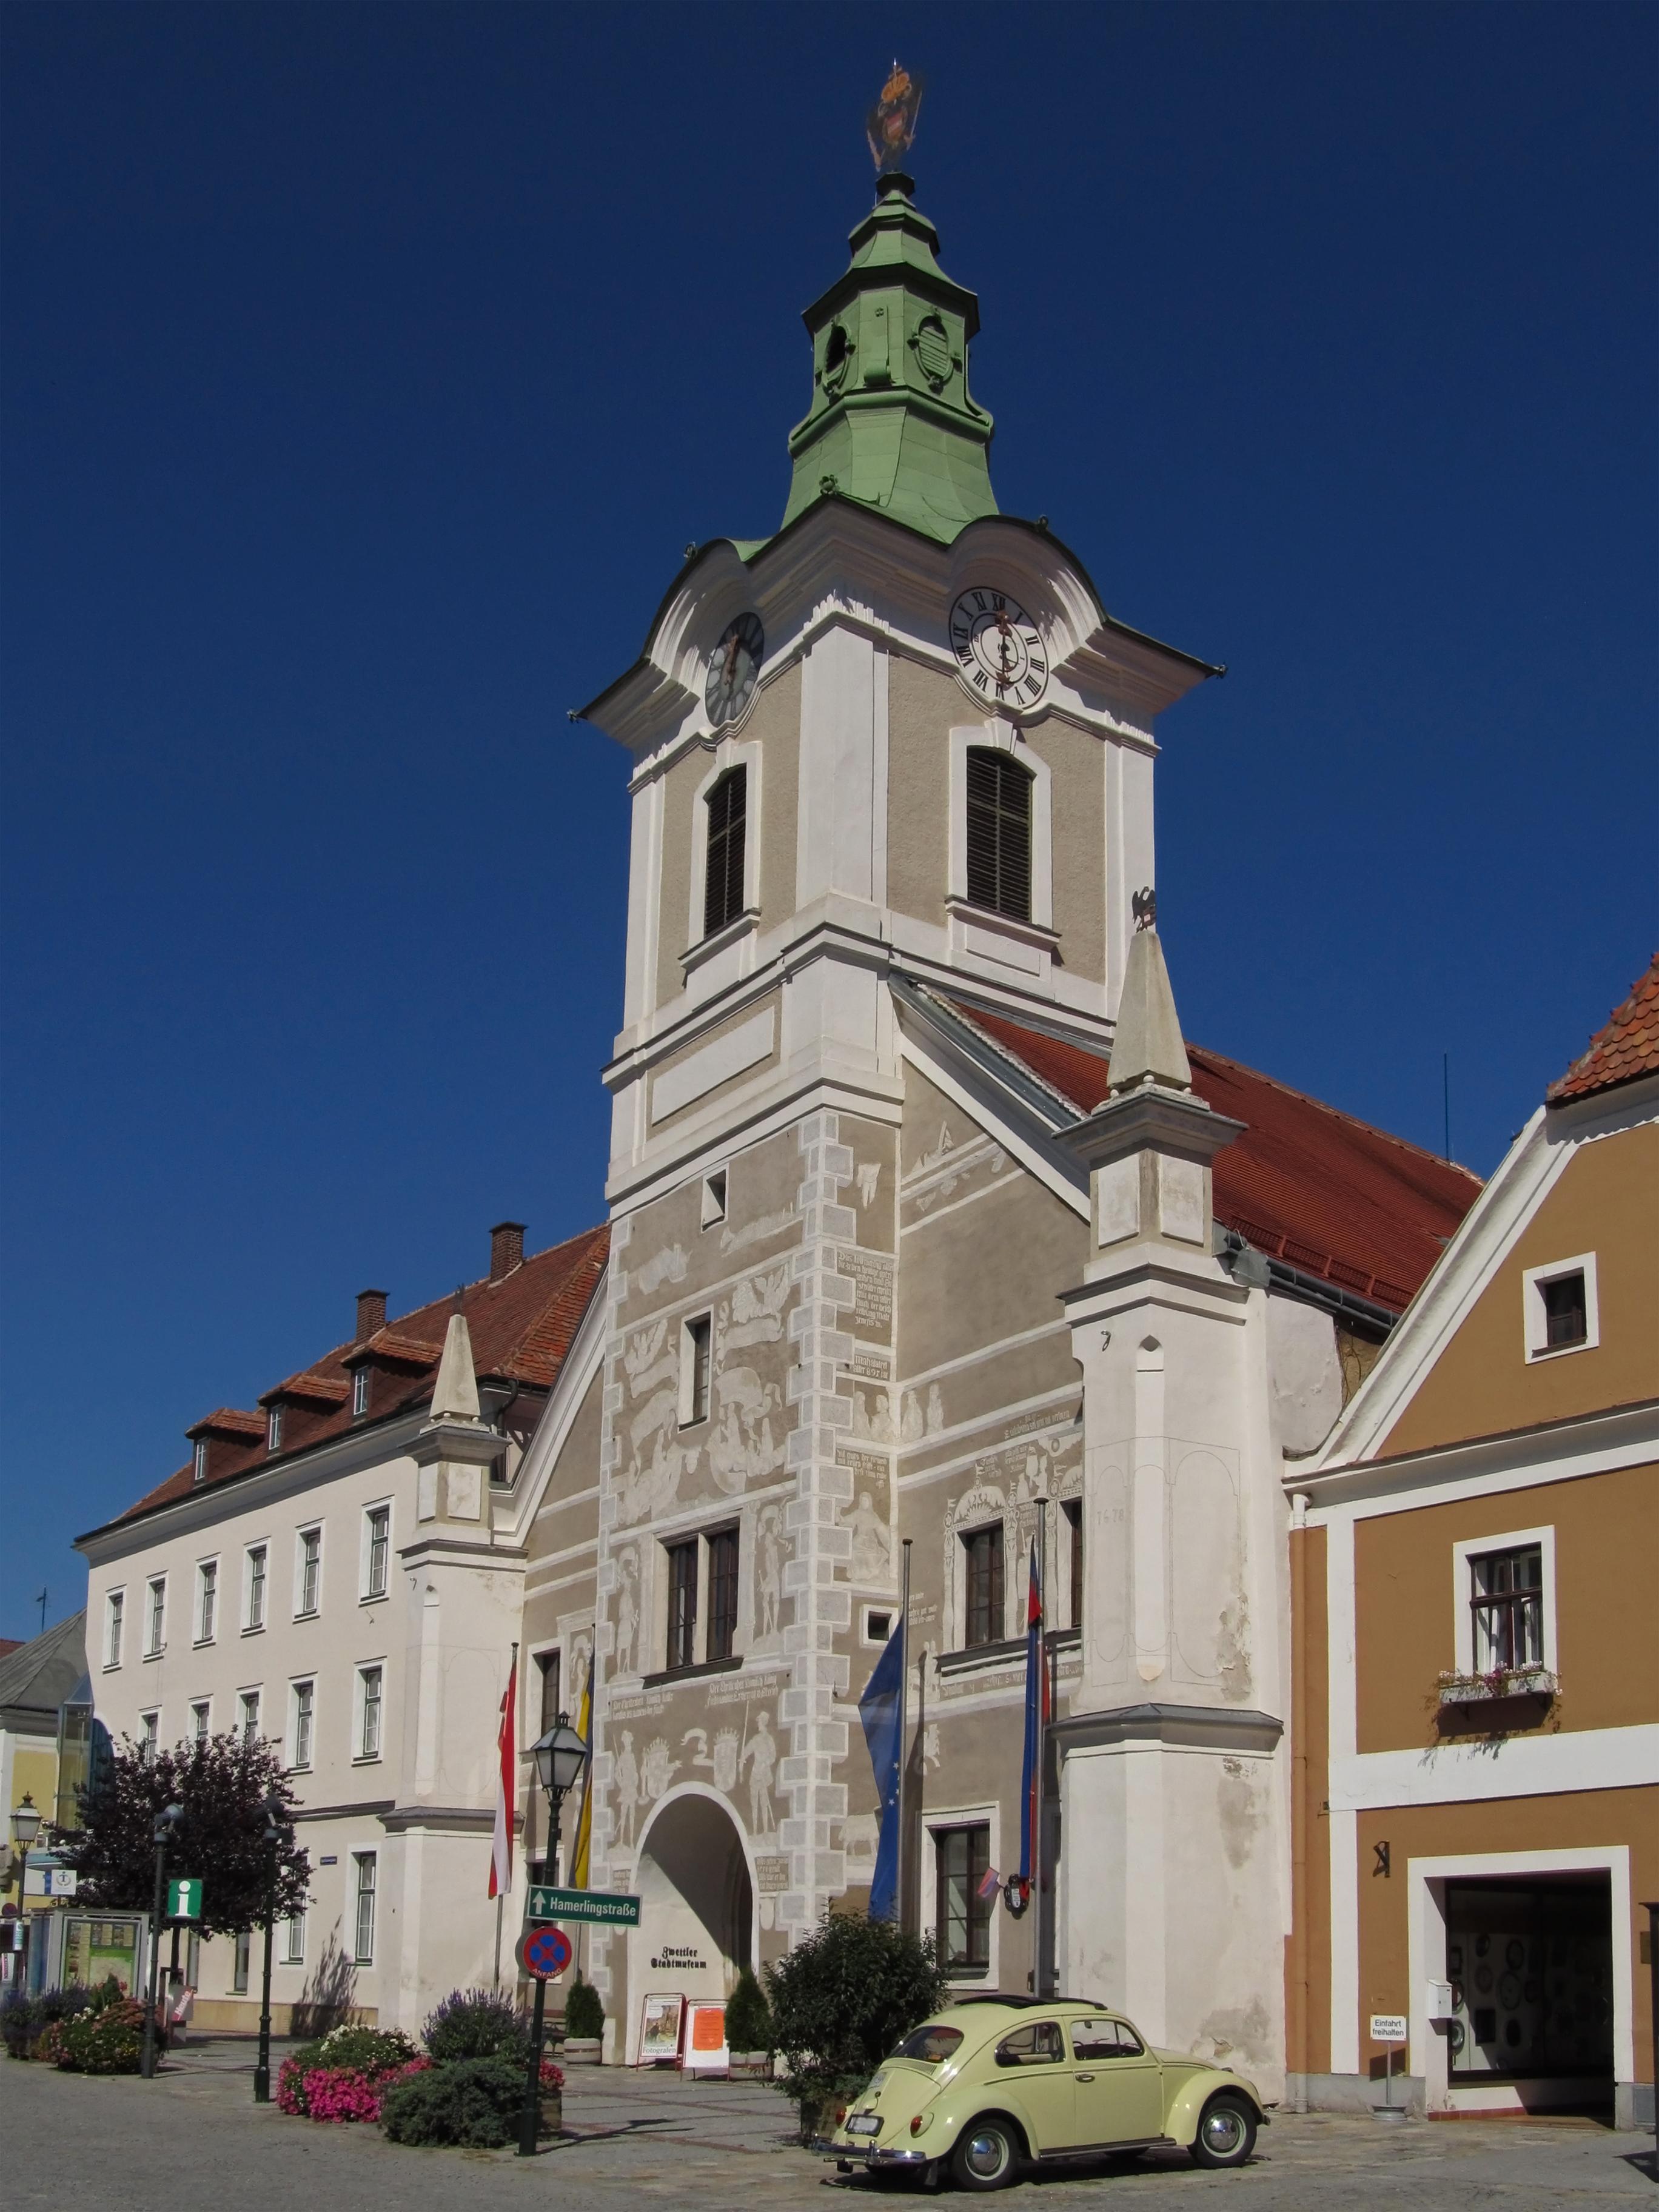 Bildergebnis für zwettl Rathaus